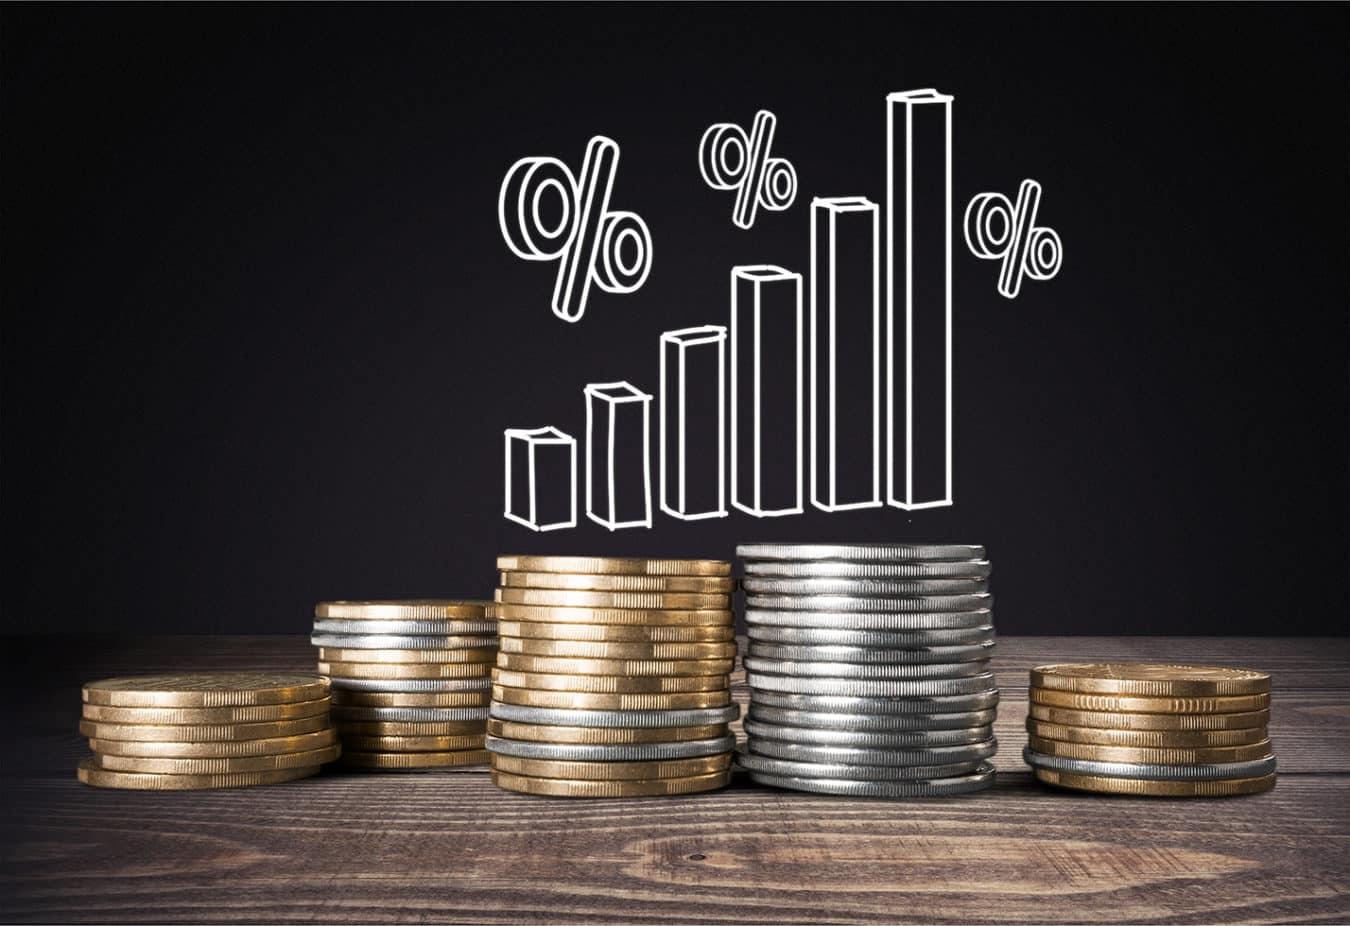 Análisis de la deuda presupuestaria: Balance primario, costo de la deuda y nivel de endeudamiento